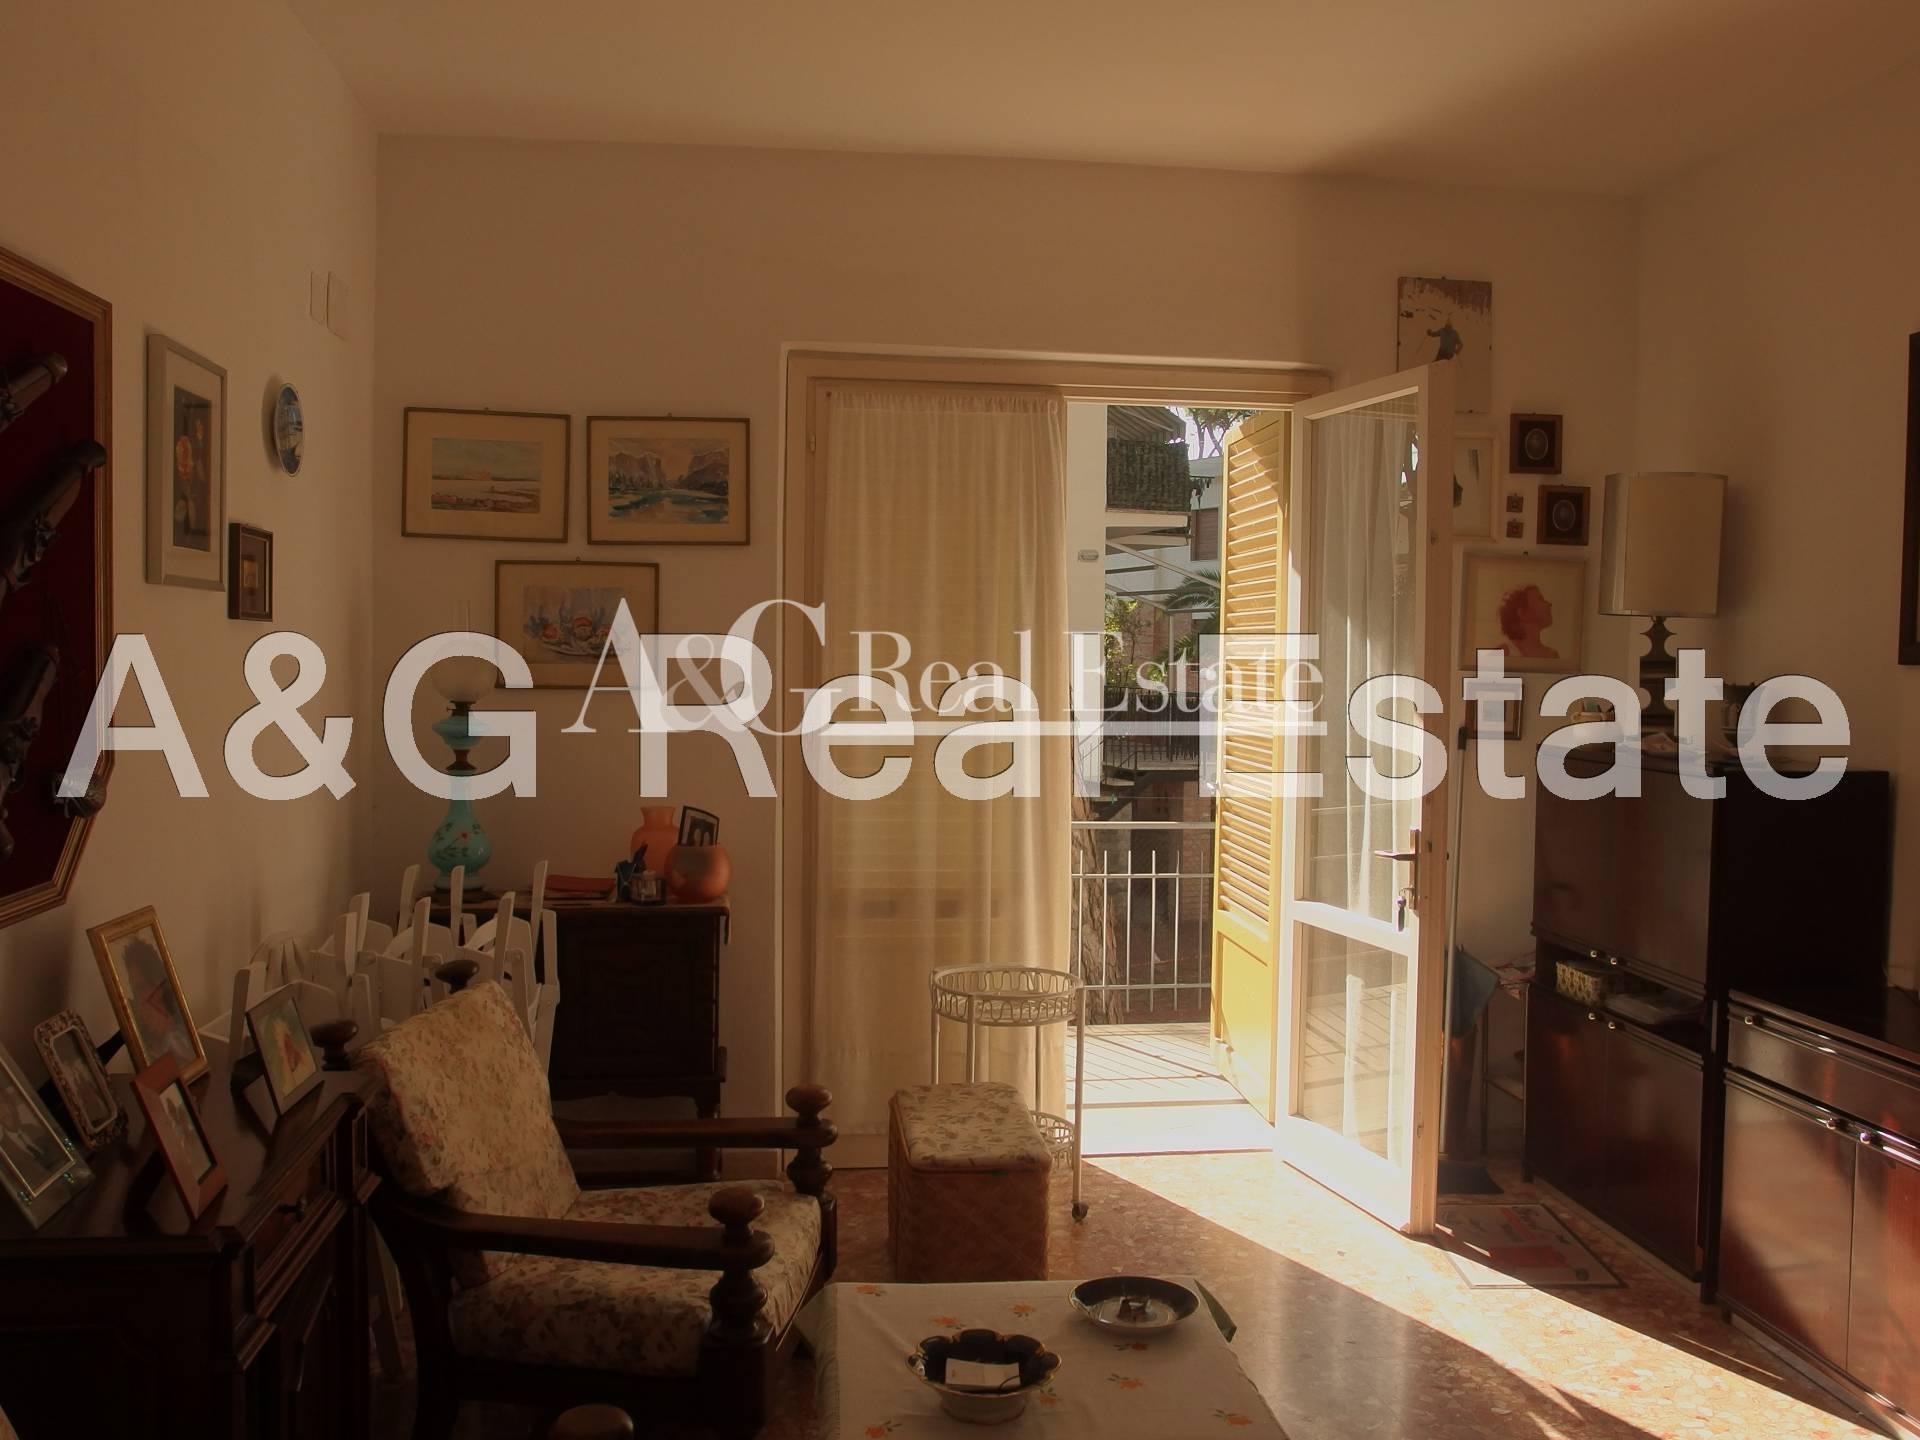 Appartamento in vendita a Grosseto, 6 locali, zona Località: MarinadiGrosseto, prezzo € 340.000 | Cambio Casa.it